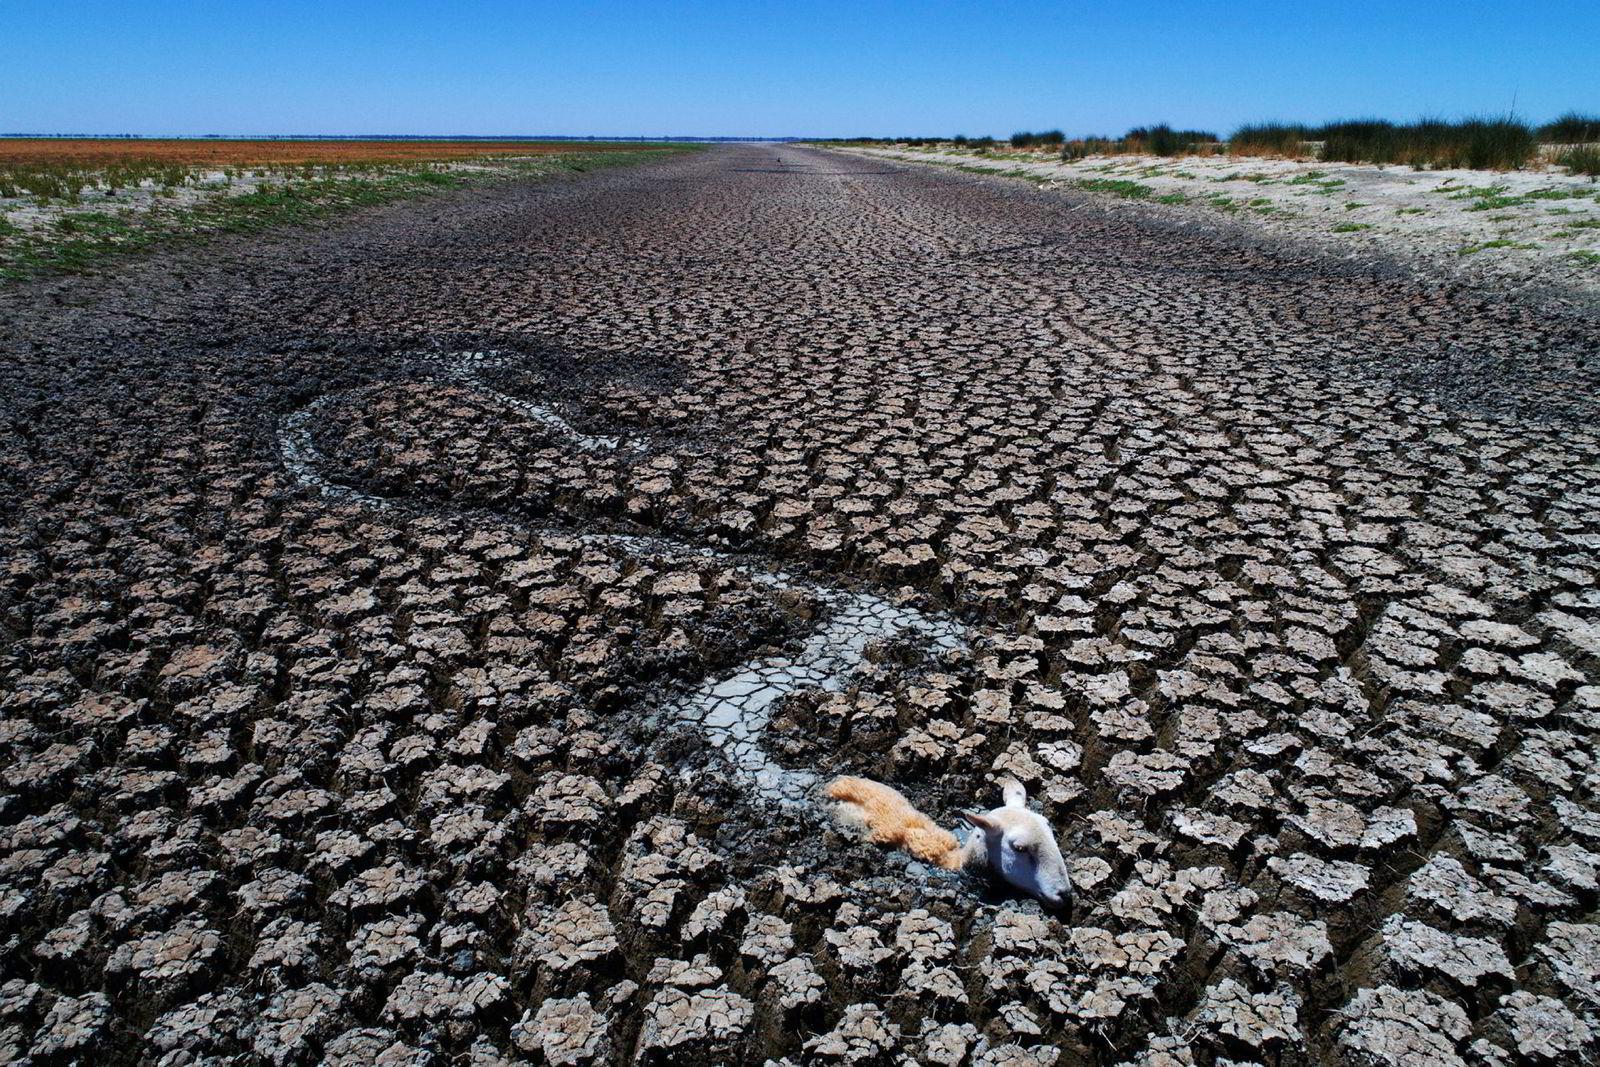 Australia ble rammet av en tørkeperiode ved inngangen til 2019. Avløpskanalen til innsjøen Cawndilla ble en dødsfelle for dyrene i området. Døde og døende kenguruer, geiter og sauer satt fast i den tørkende gjørmen.